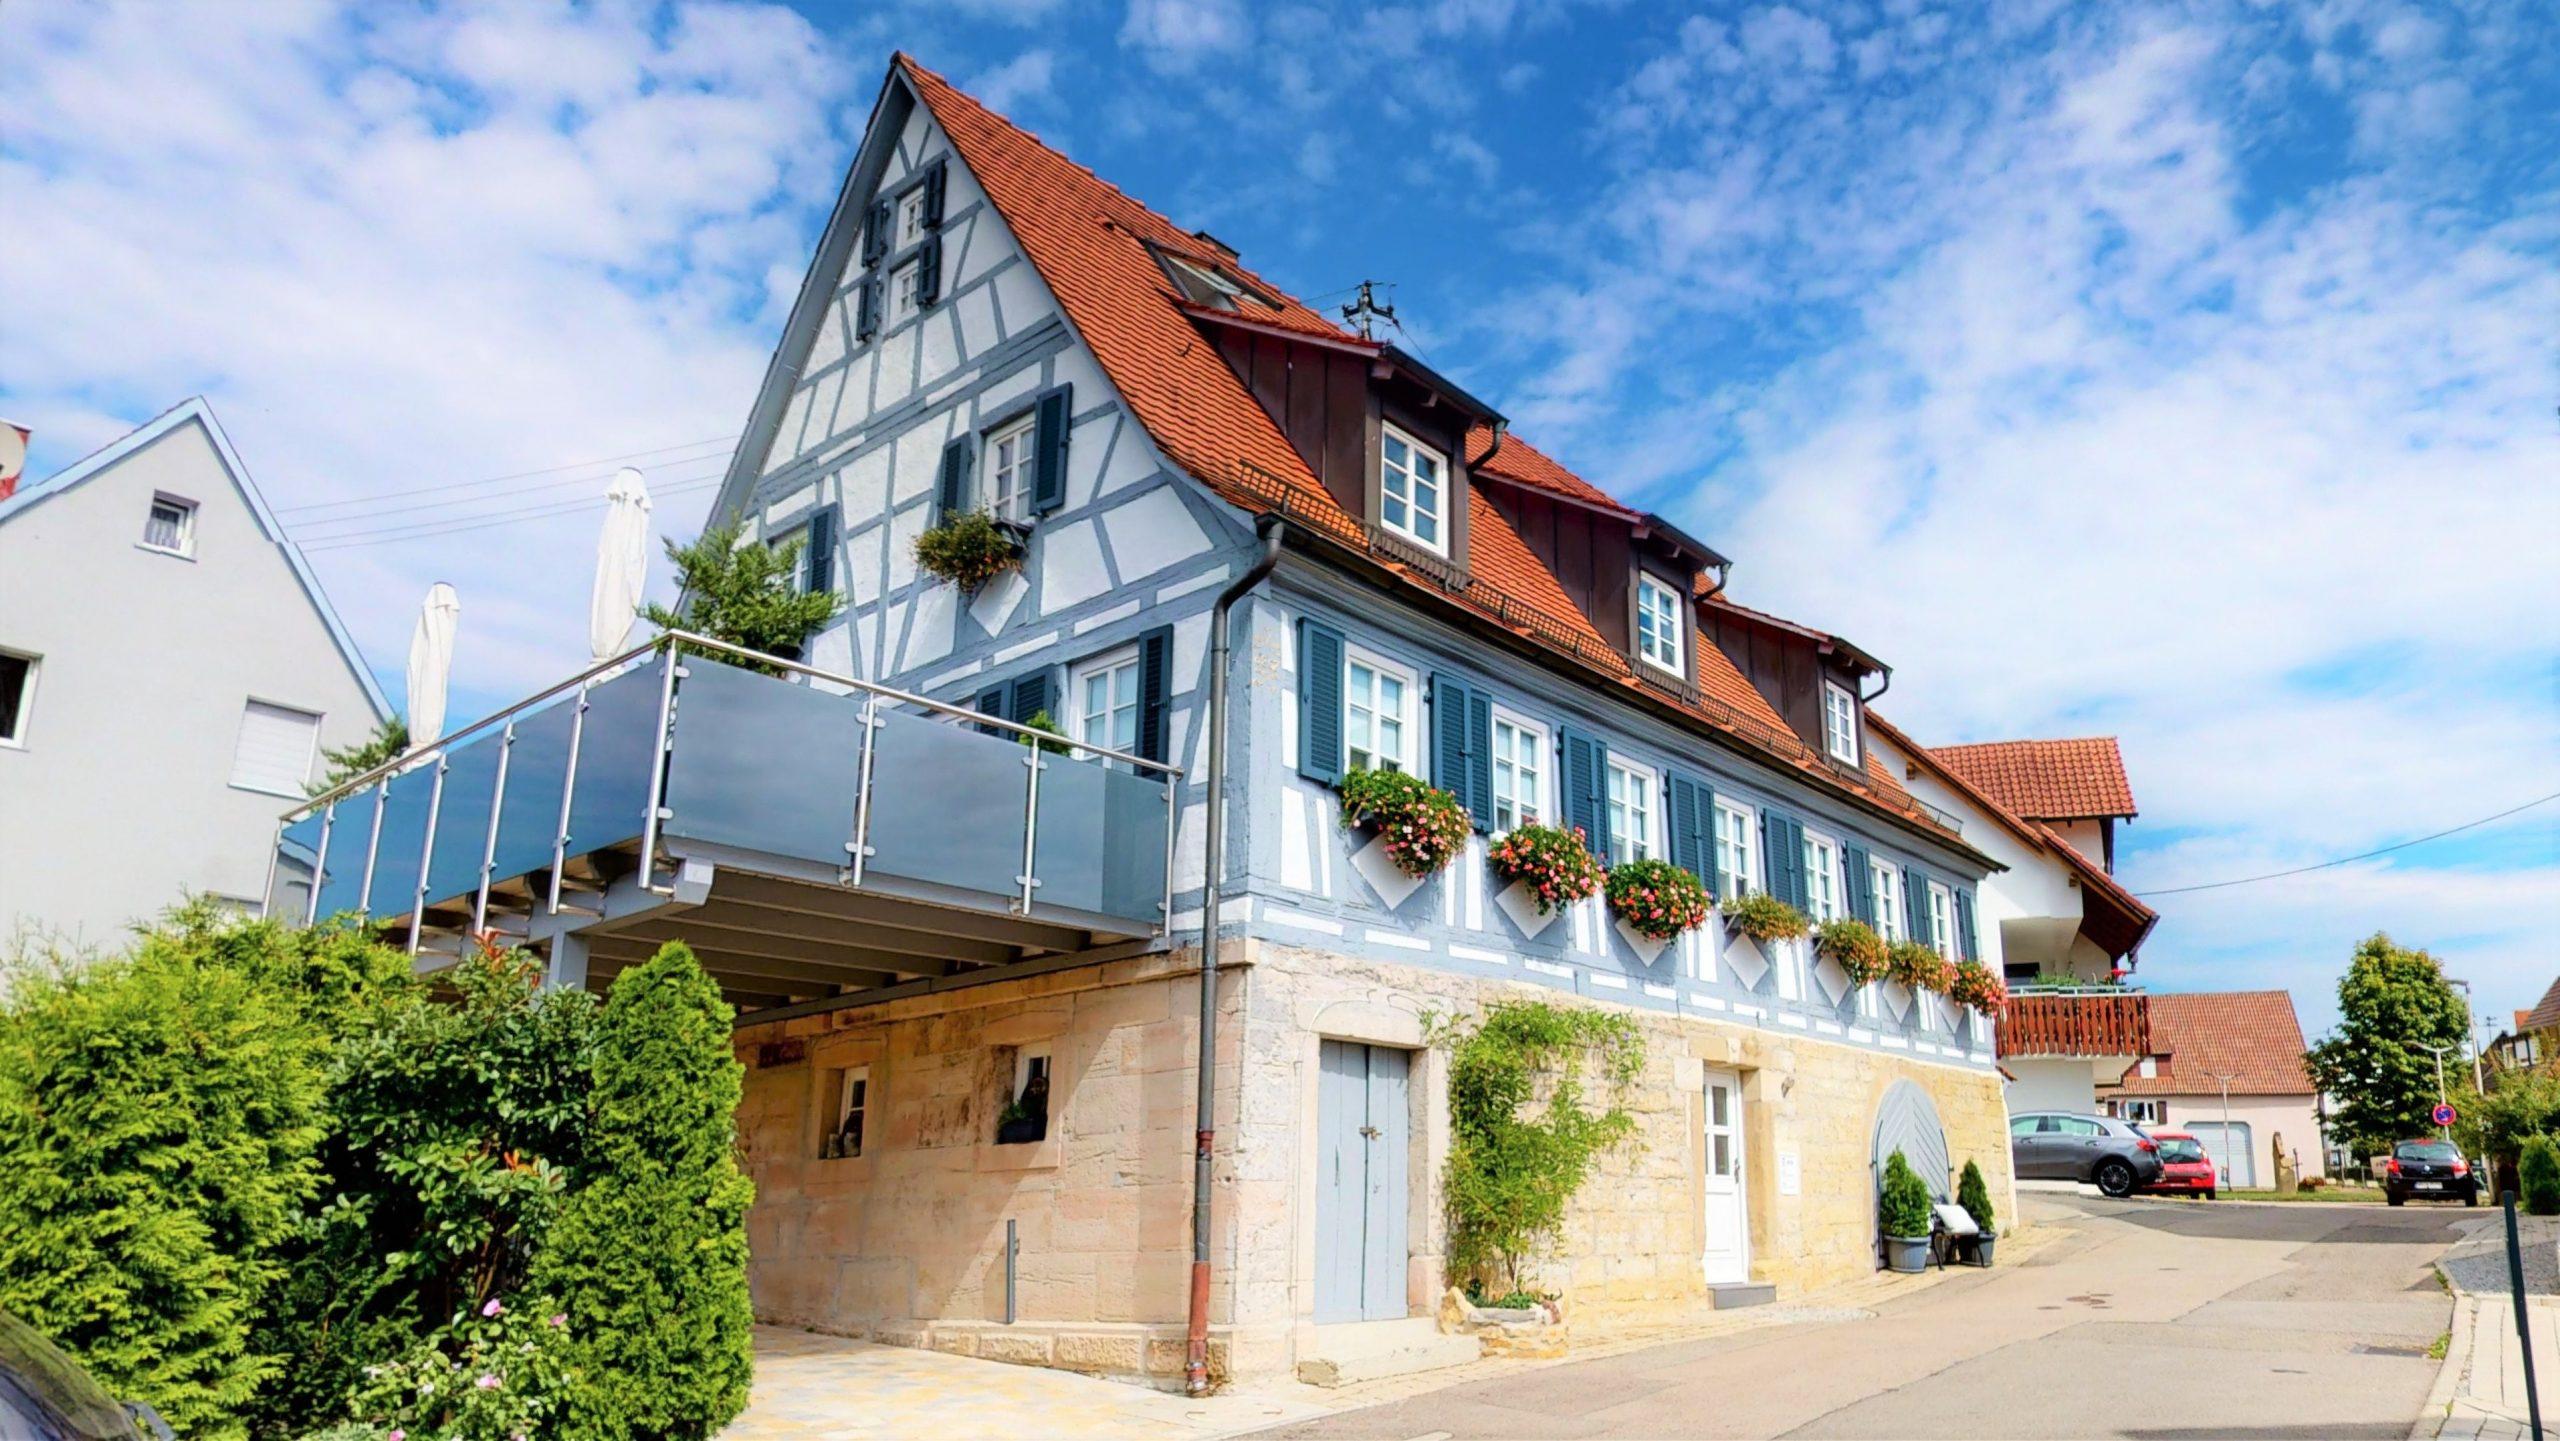 Backnang-Fachwerkhaus-09072020_111714